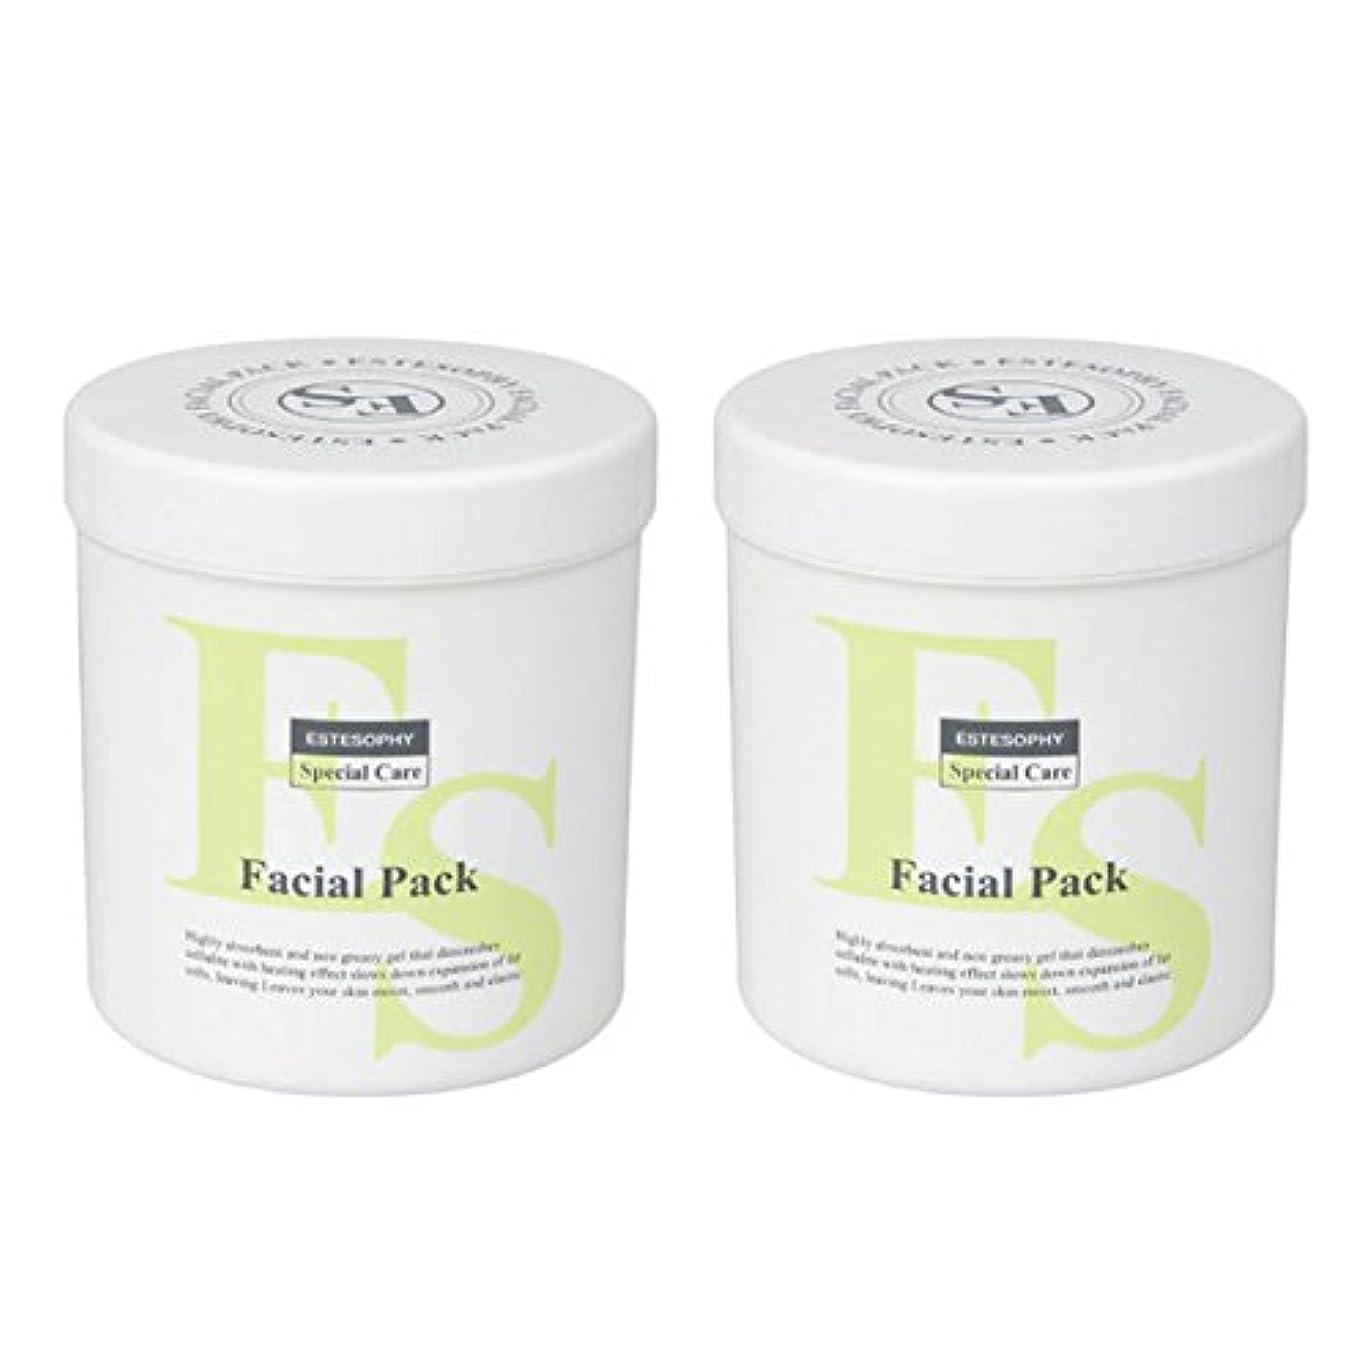 省ダウンタウンぶどう< エステソフィー> 酵素パック 粉末 (約30回分) 450g (2個セット) [ フェイスパック 酵素パウダー 酵素洗顔パウダー フェイスマスク フェイシャルパック フェイシャルマスク 顔パック 業務用 ]